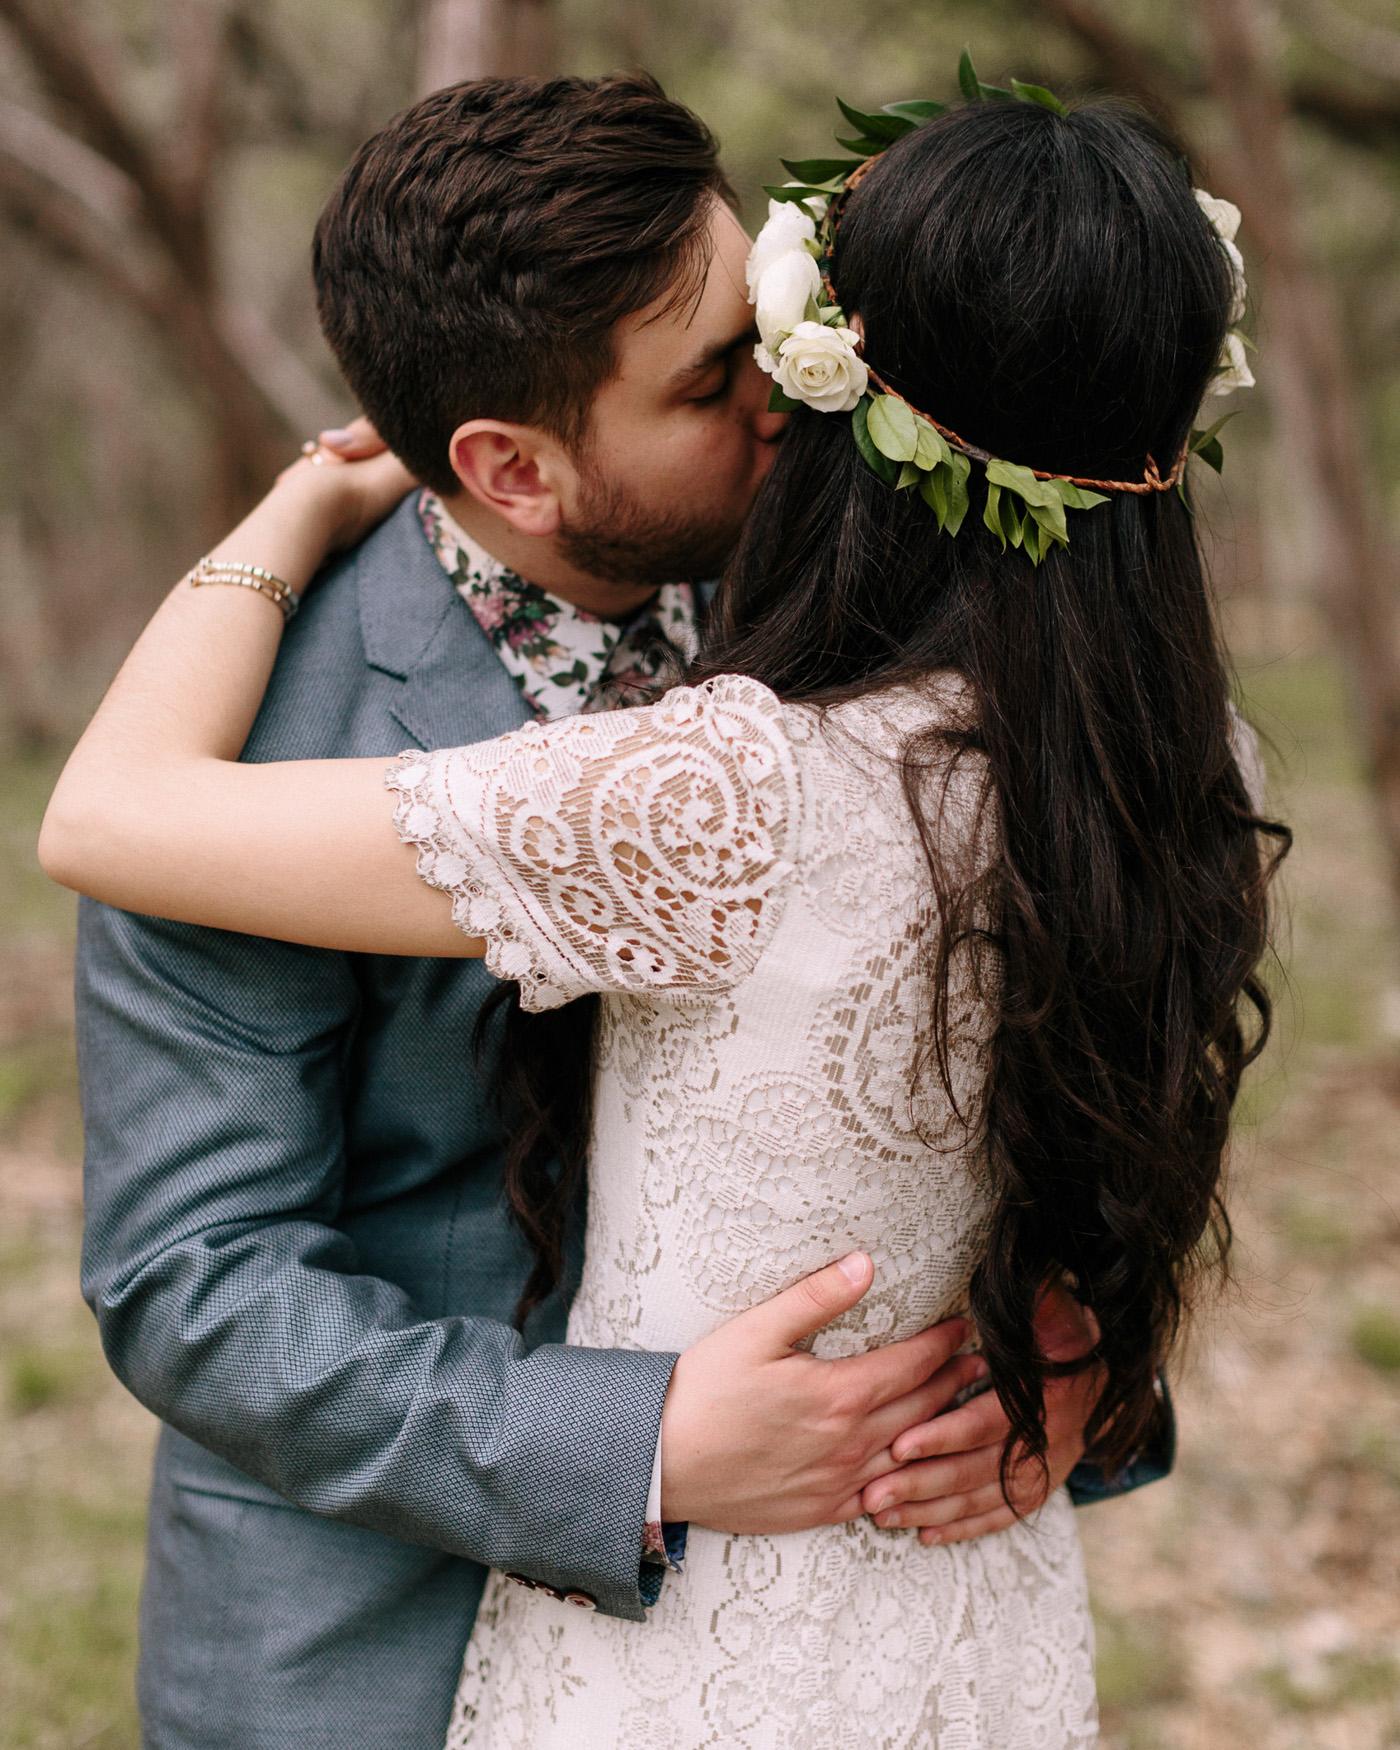 Wimberley Texas Wedding Bride and Groom Embracing